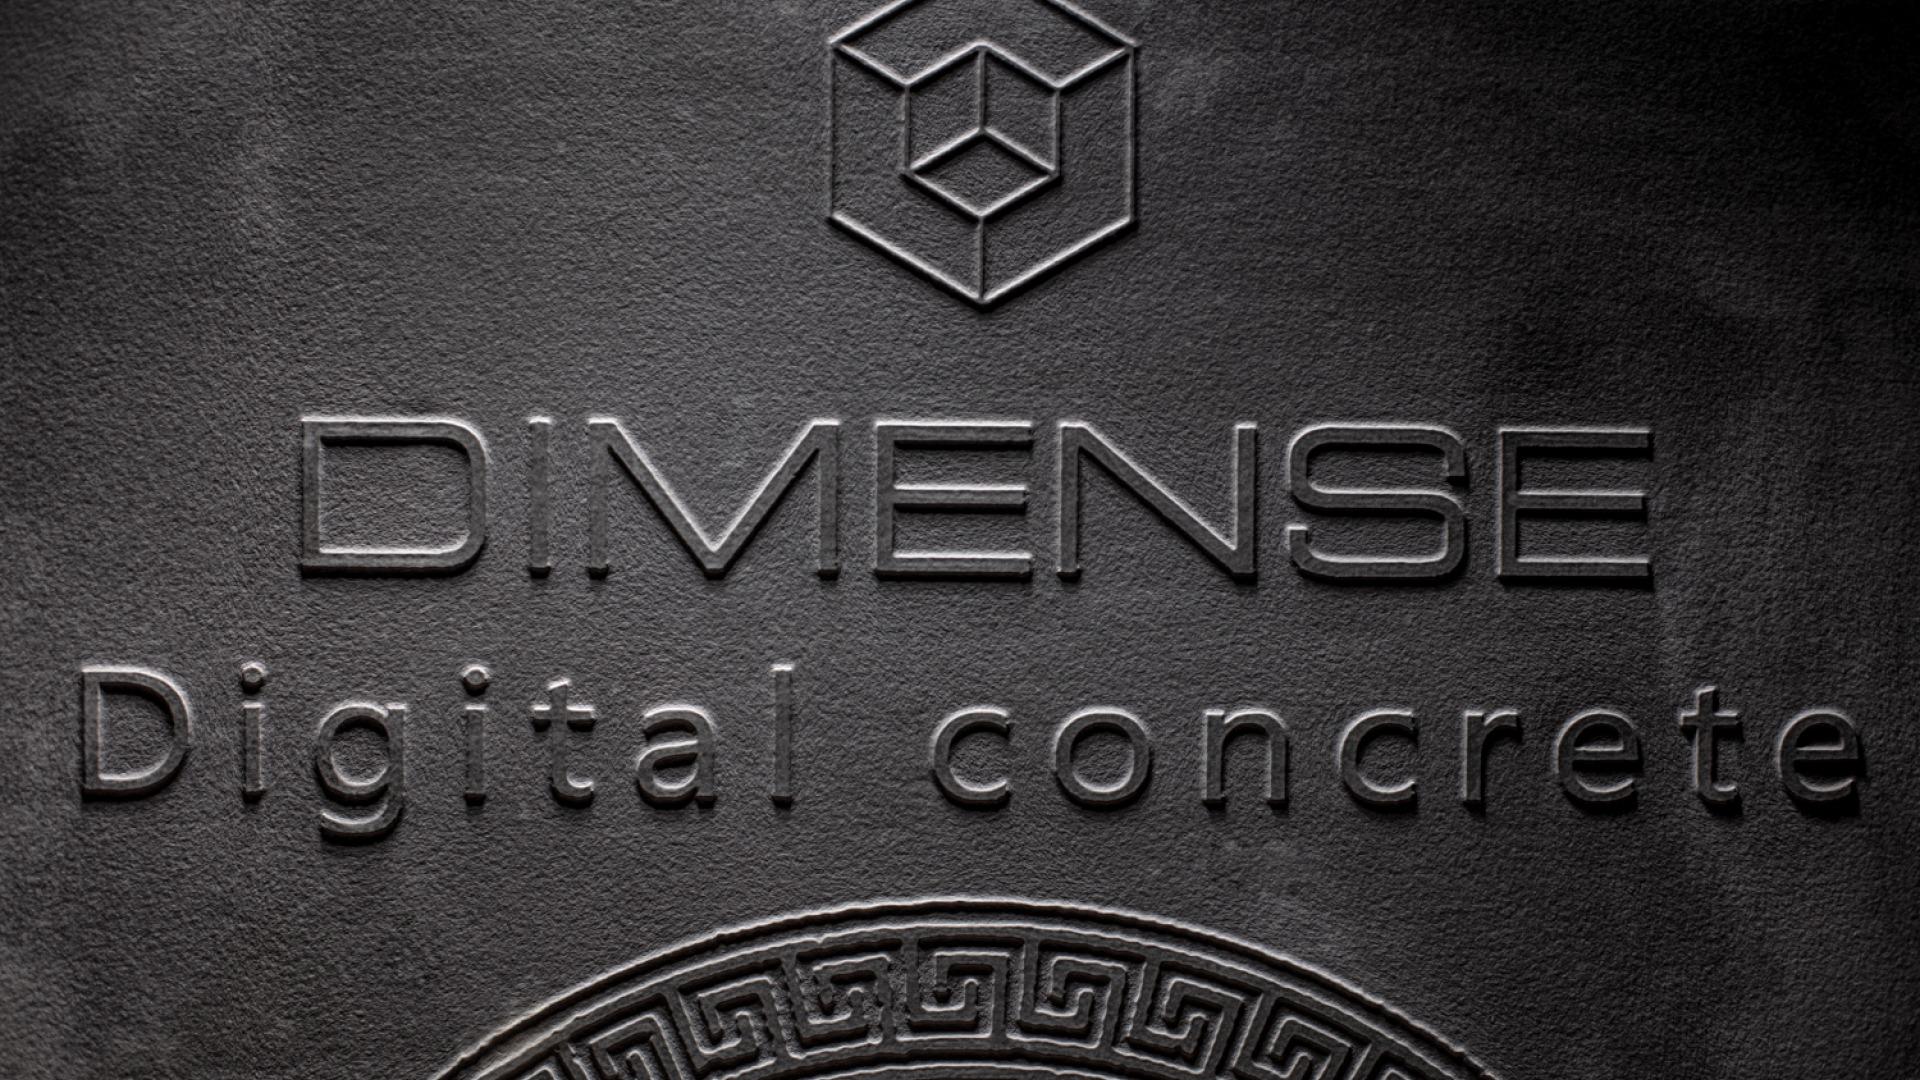 dimense_concrete-12_1596191248-5e005664a3e6aef3c25d6c0a6ce40fb8.jpg